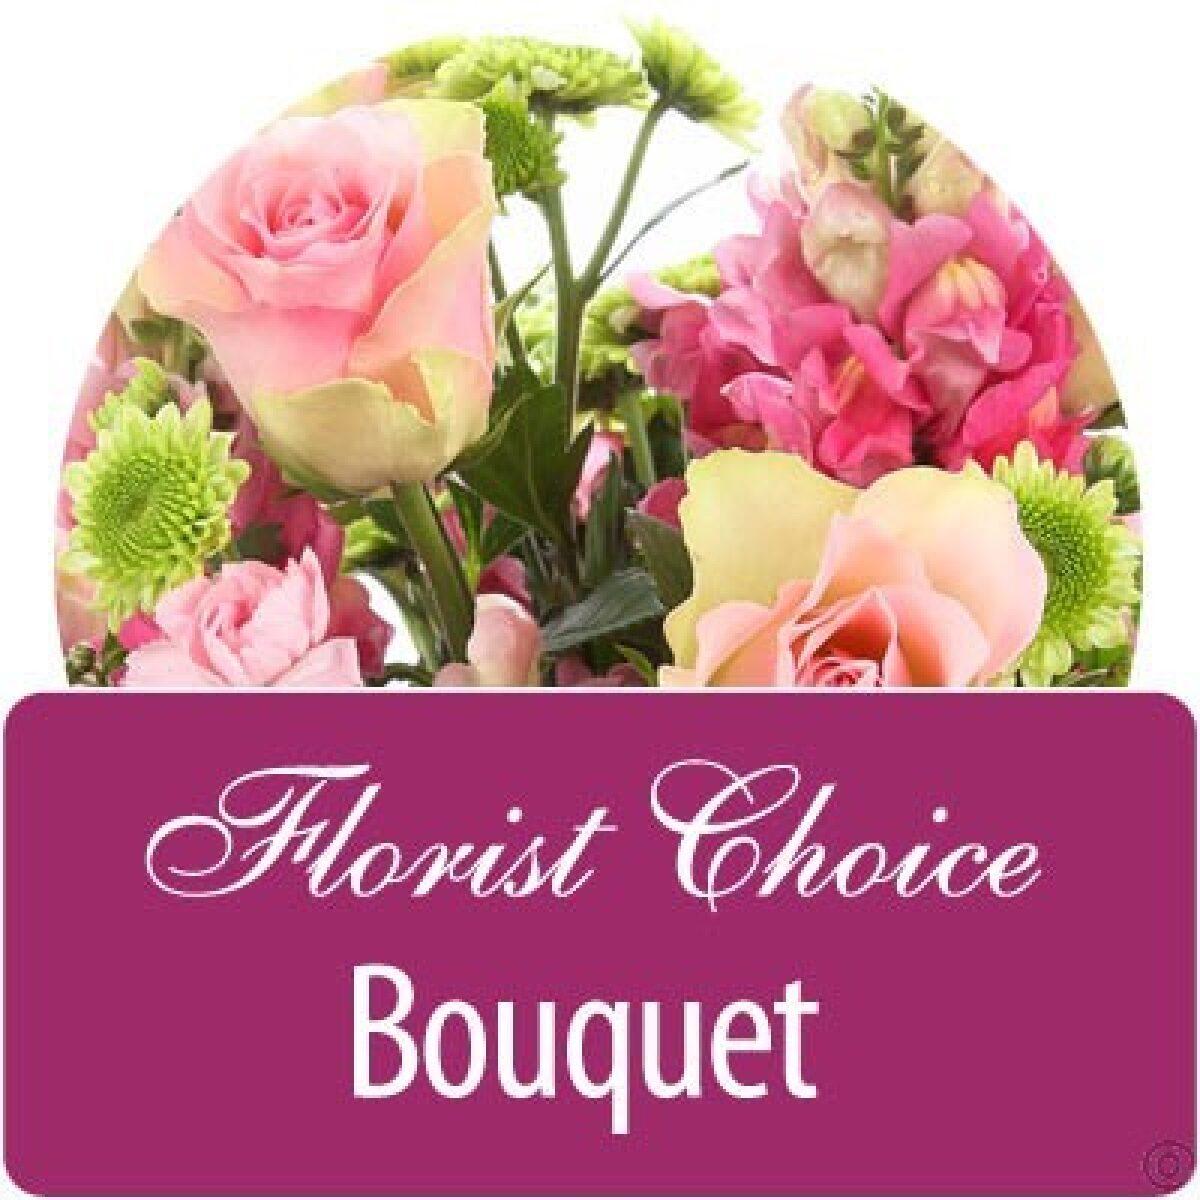 florist choice bouquet one